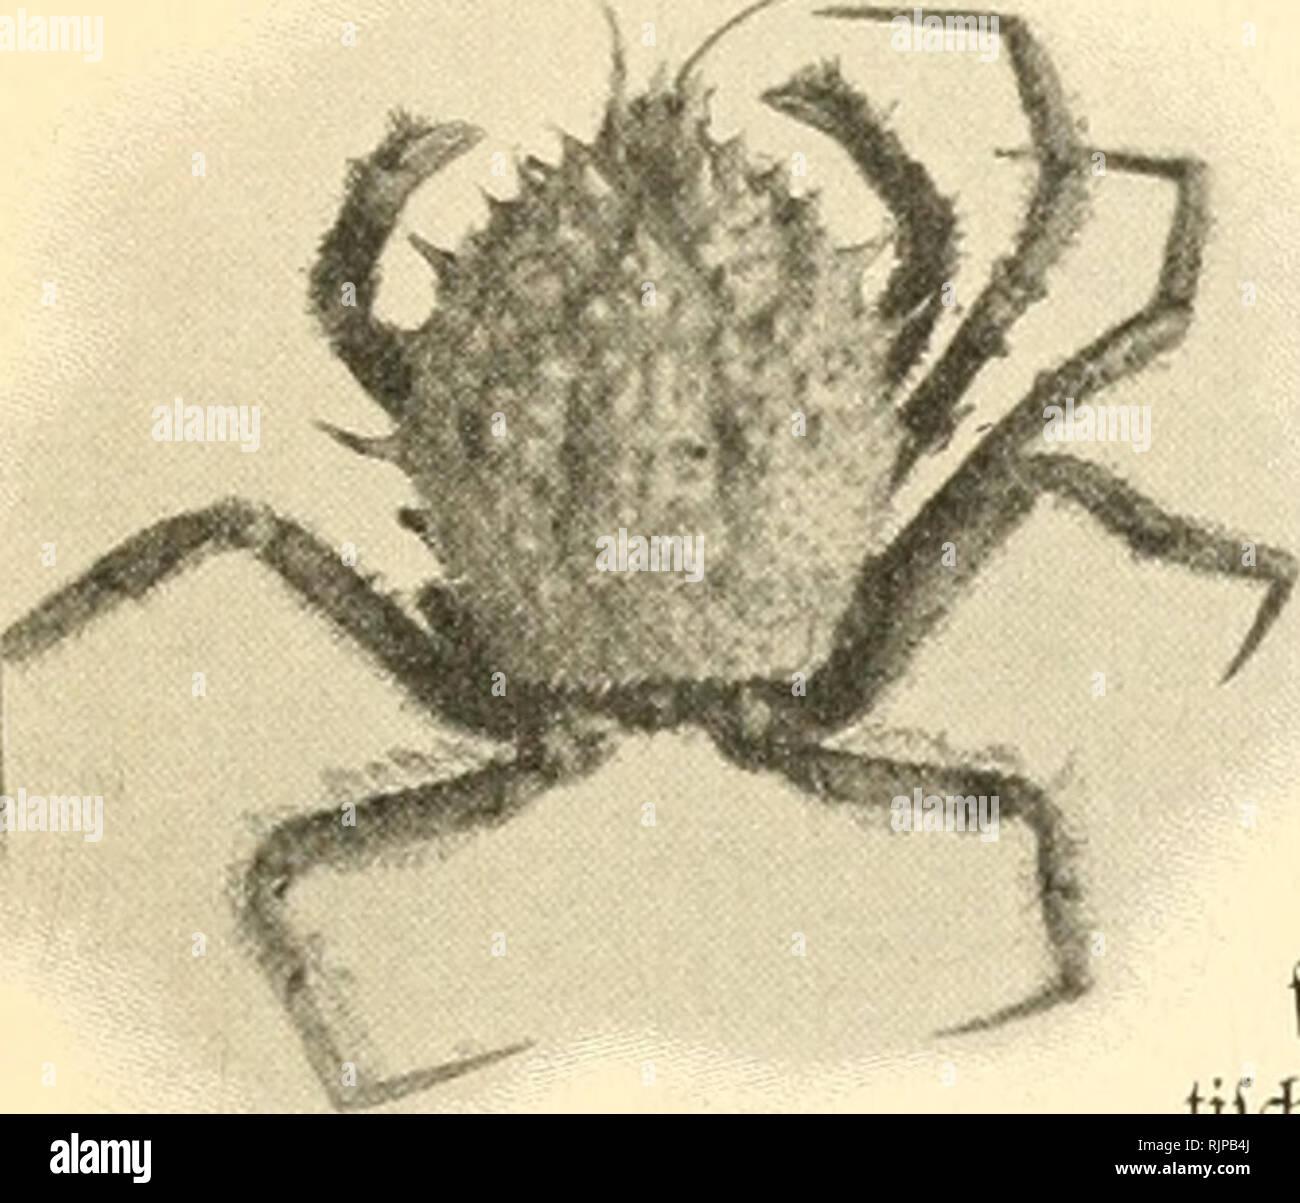 """. Aus den tiefen des weltmeeres. Valdivia Expedition; Marine animals. Retropluii 6Wr notopus Alcock & Anderson Q. niajsKtinal. Hat. ©röSc. iDoHcin pho. (Doflein phot.) Trichopeltariura Alcocki ^ n. sp. Dofl. 750 m. Siberut;5tra§c. Xlat. an6tfd)aftspcrl?ältniffe flarjuftellen. Jtus größerer Ciefe ftammt eine neue 5art fleifdjrot gefärbte Jlrt 6er ®attung Geryon, von 6er tr>ir fdion früf^er (S459) i.''ertrcter 6ar= ftellten. Per Ijier abgebiI6ctc Geryon Paulensls repräfentiert 5ugleidi einen 6er fü6lidiften 'Krabben» fun6e 6er €rpe6ition. 3^1 ^»-'i"""" eigentlidien antarf» tifdien (gebi - Stock Image"""